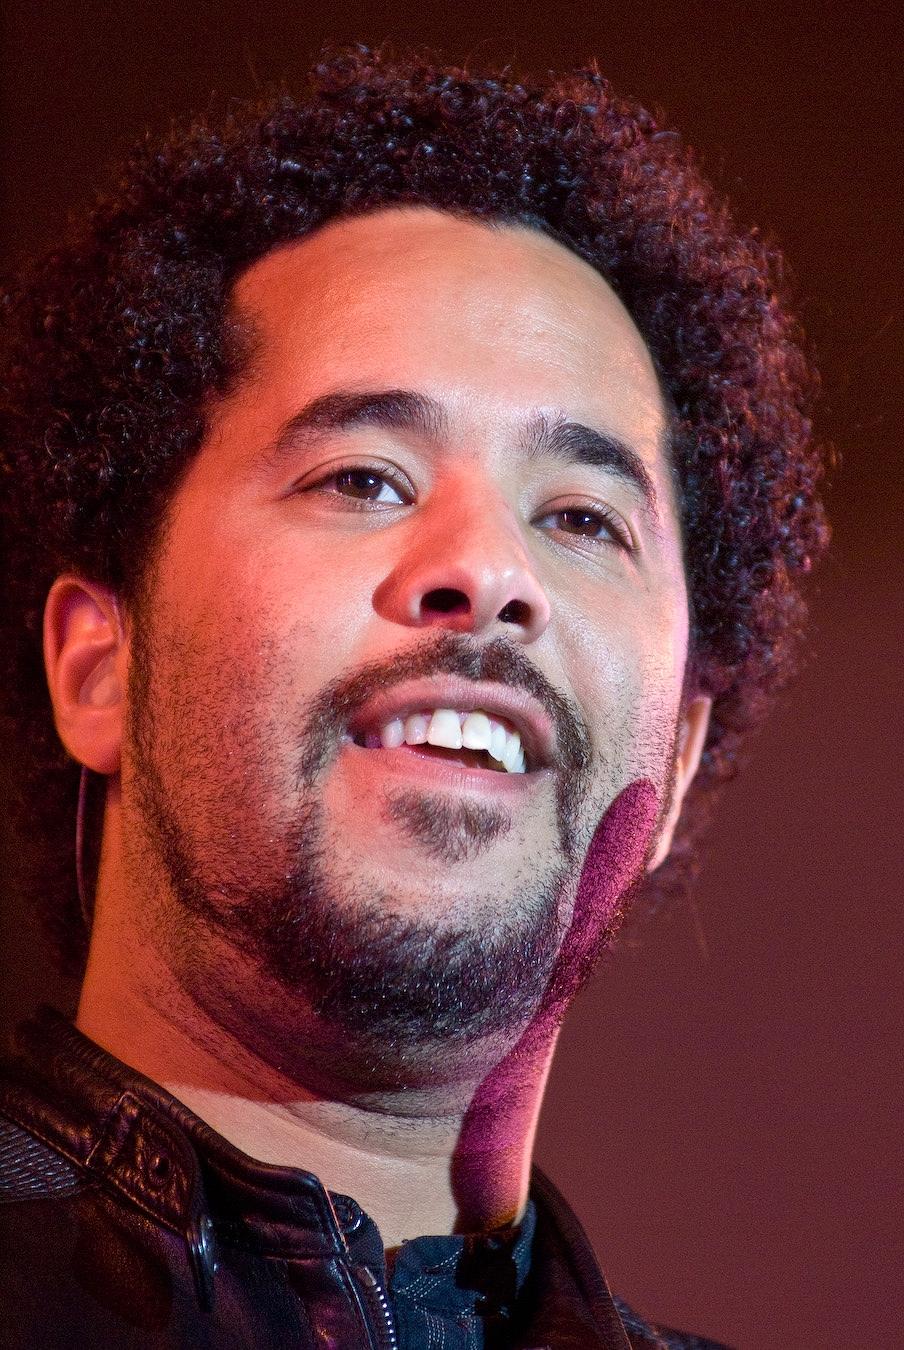 Adel Tawil - Wikipedia